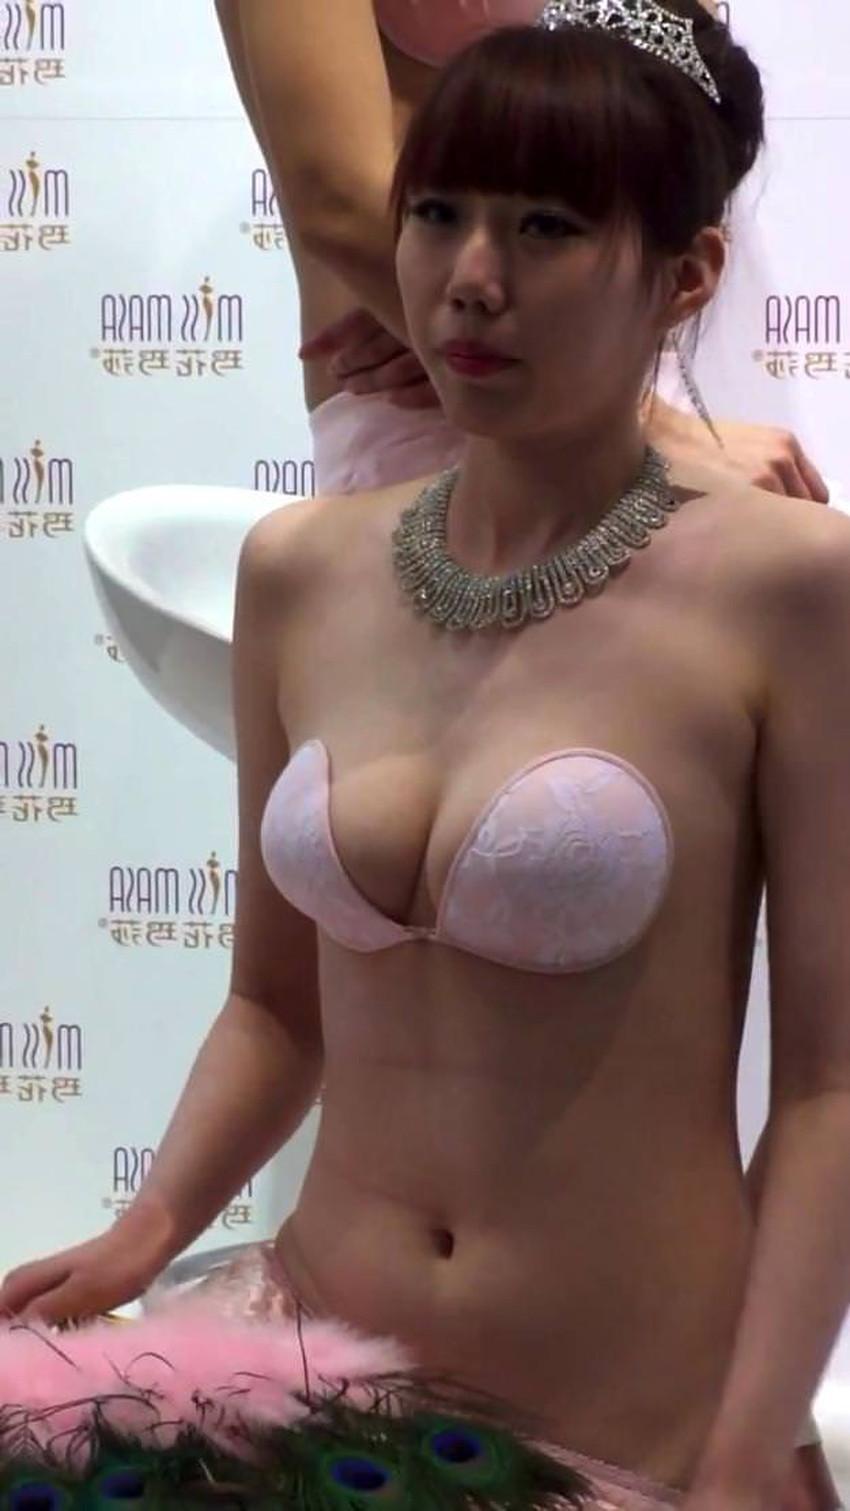 【ヌーブラエロ画像】ペロンと剥がして乳首を拝みたくなるヌーブラのエロ画像集!ww【80枚】 78